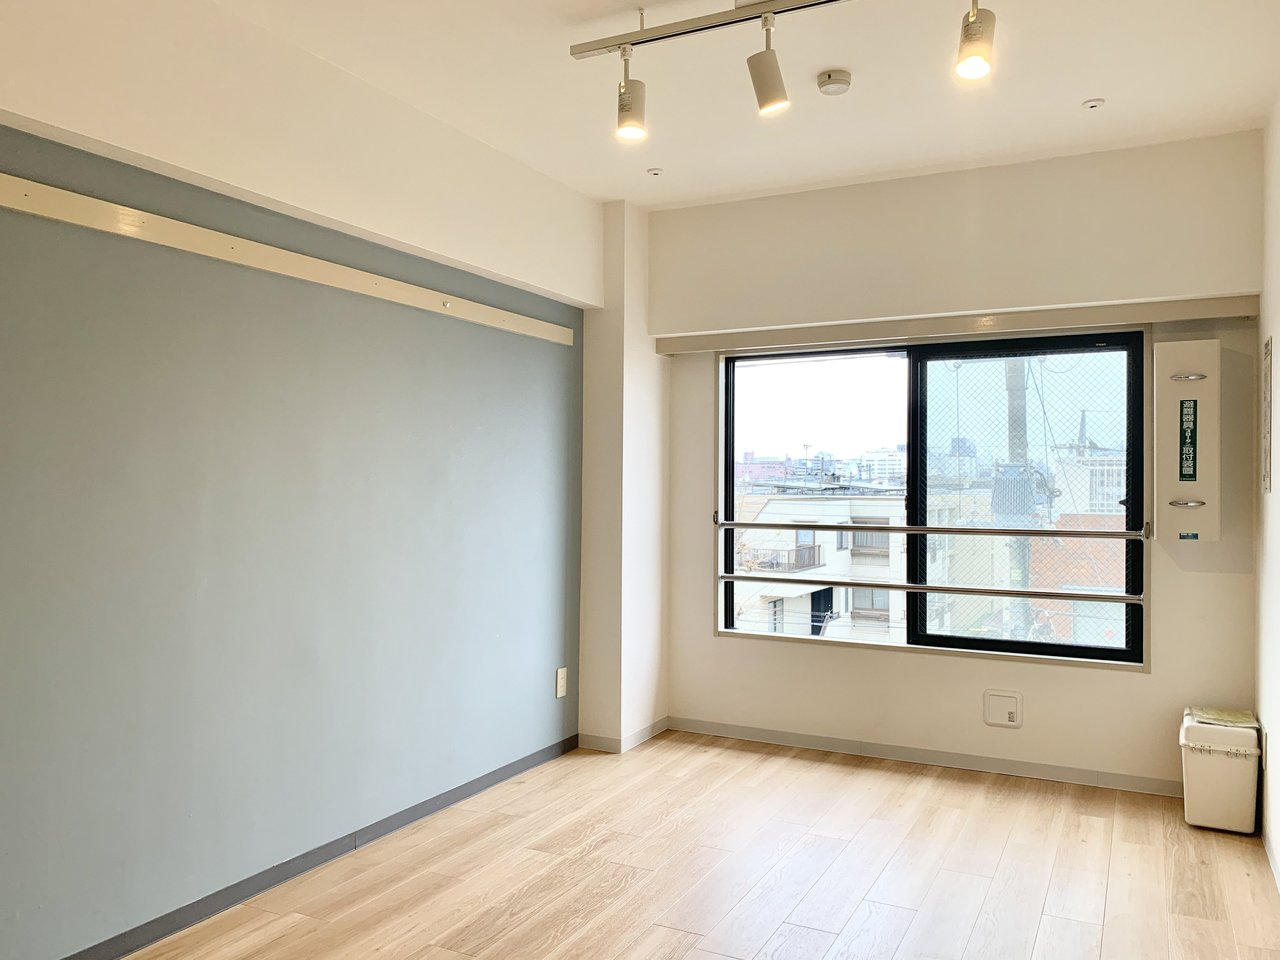 水色の壁紙が、お部屋の印象をさわやかに仕立ててくれる、ワンルームタイプのお部屋。淡い色合いのフローリングと、天井に備え付けられているライティングレールがさらにおしゃれに見せてくれます。